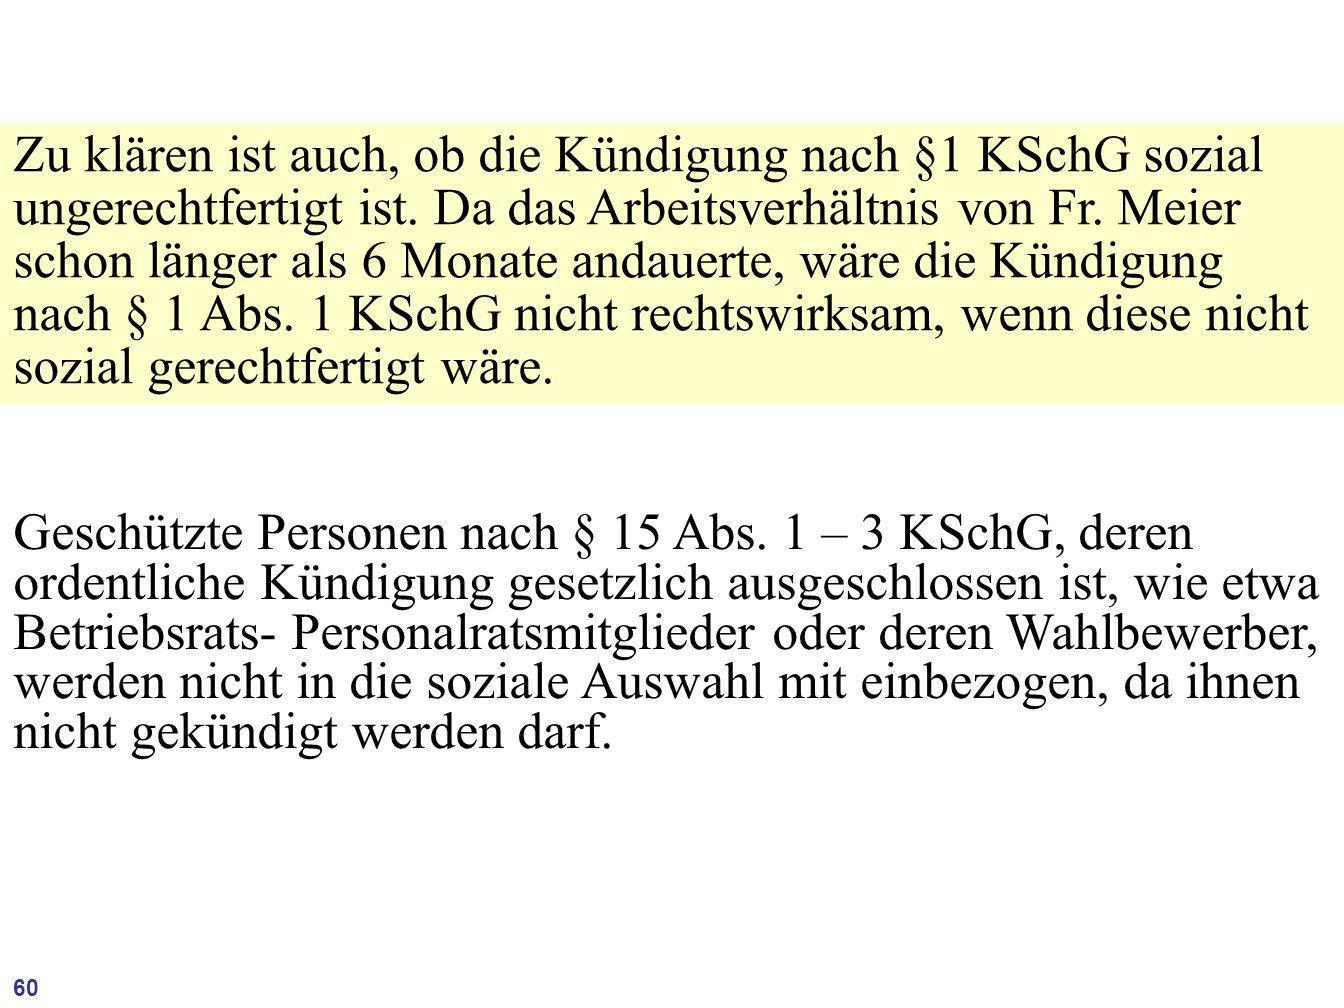 Zu klären ist auch, ob die Kündigung nach §1 KSchG sozial ungerechtfertigt ist. Da das Arbeitsverhältnis von Fr. Meier schon länger als 6 Monate andauerte, wäre die Kündigung nach § 1 Abs. 1 KSchG nicht rechtswirksam, wenn diese nicht sozial gerechtfertigt wäre.